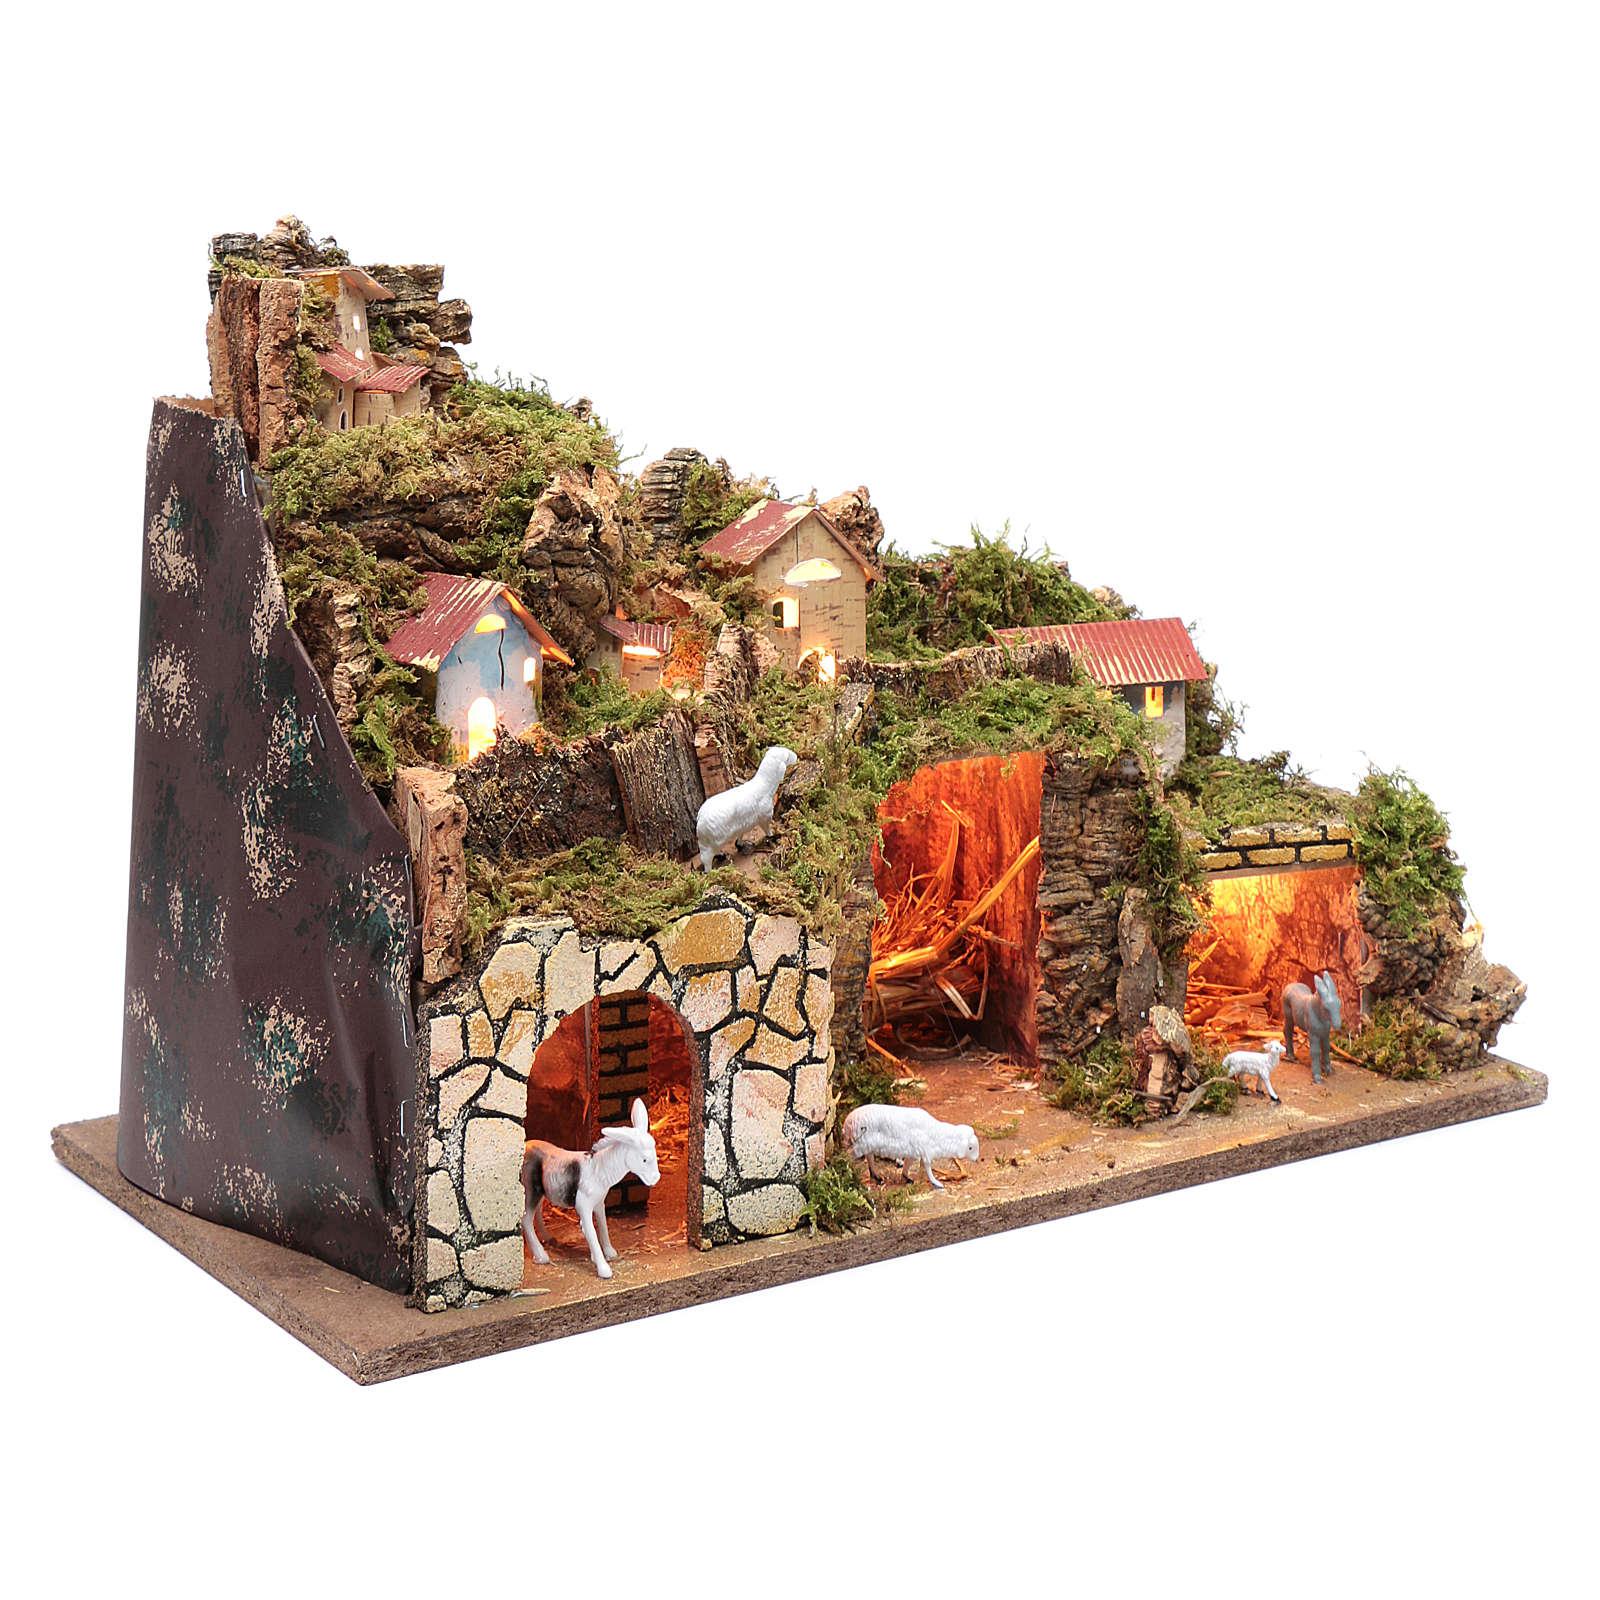 Décor crèche maisons et moutons avec lumières 35x50x25 cm 4